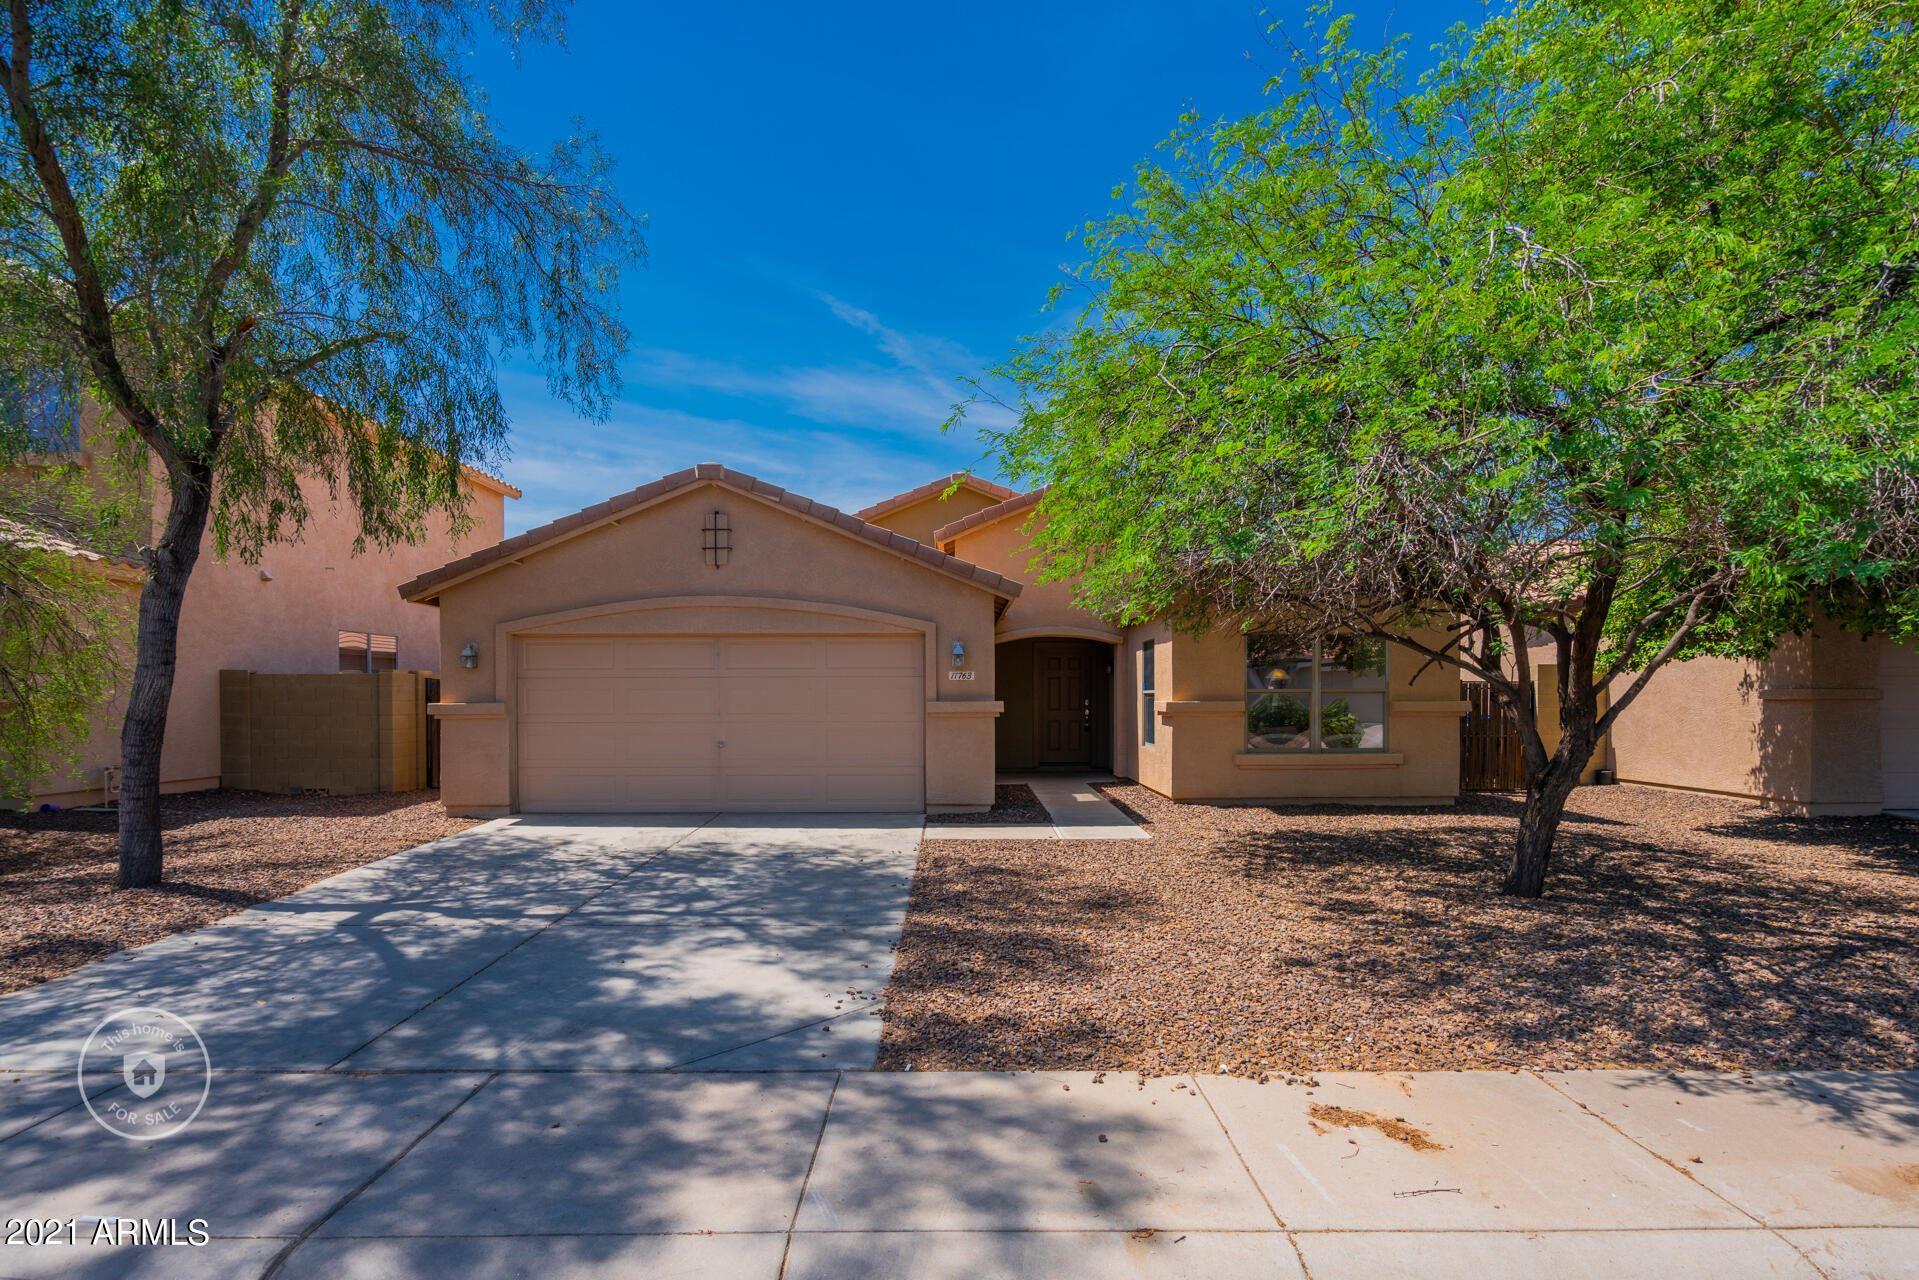 11763 W APACHE Street, Avondale, AZ 85323 - MLS#: 6262344